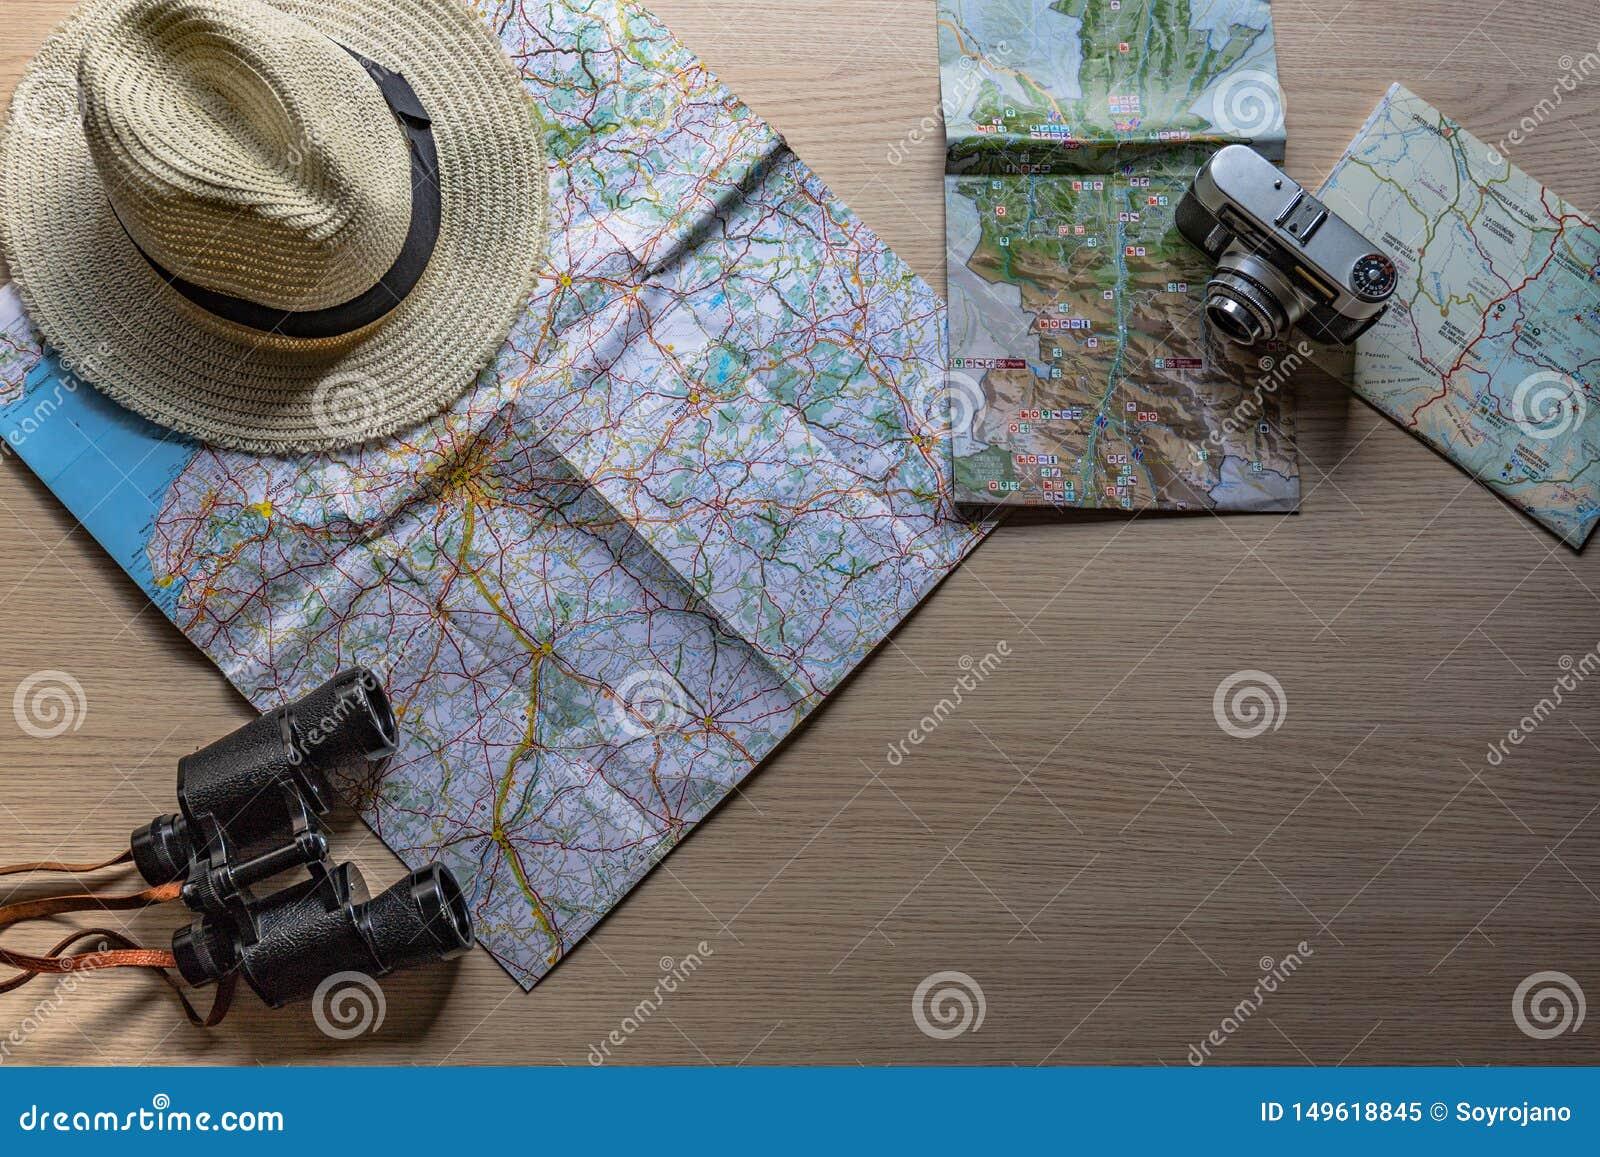 Προετοιμασία του επόμενου ταξιδιού με την παλαιά κάμερα, τις διόπτρες και το αγαπημένο καπέλο μου